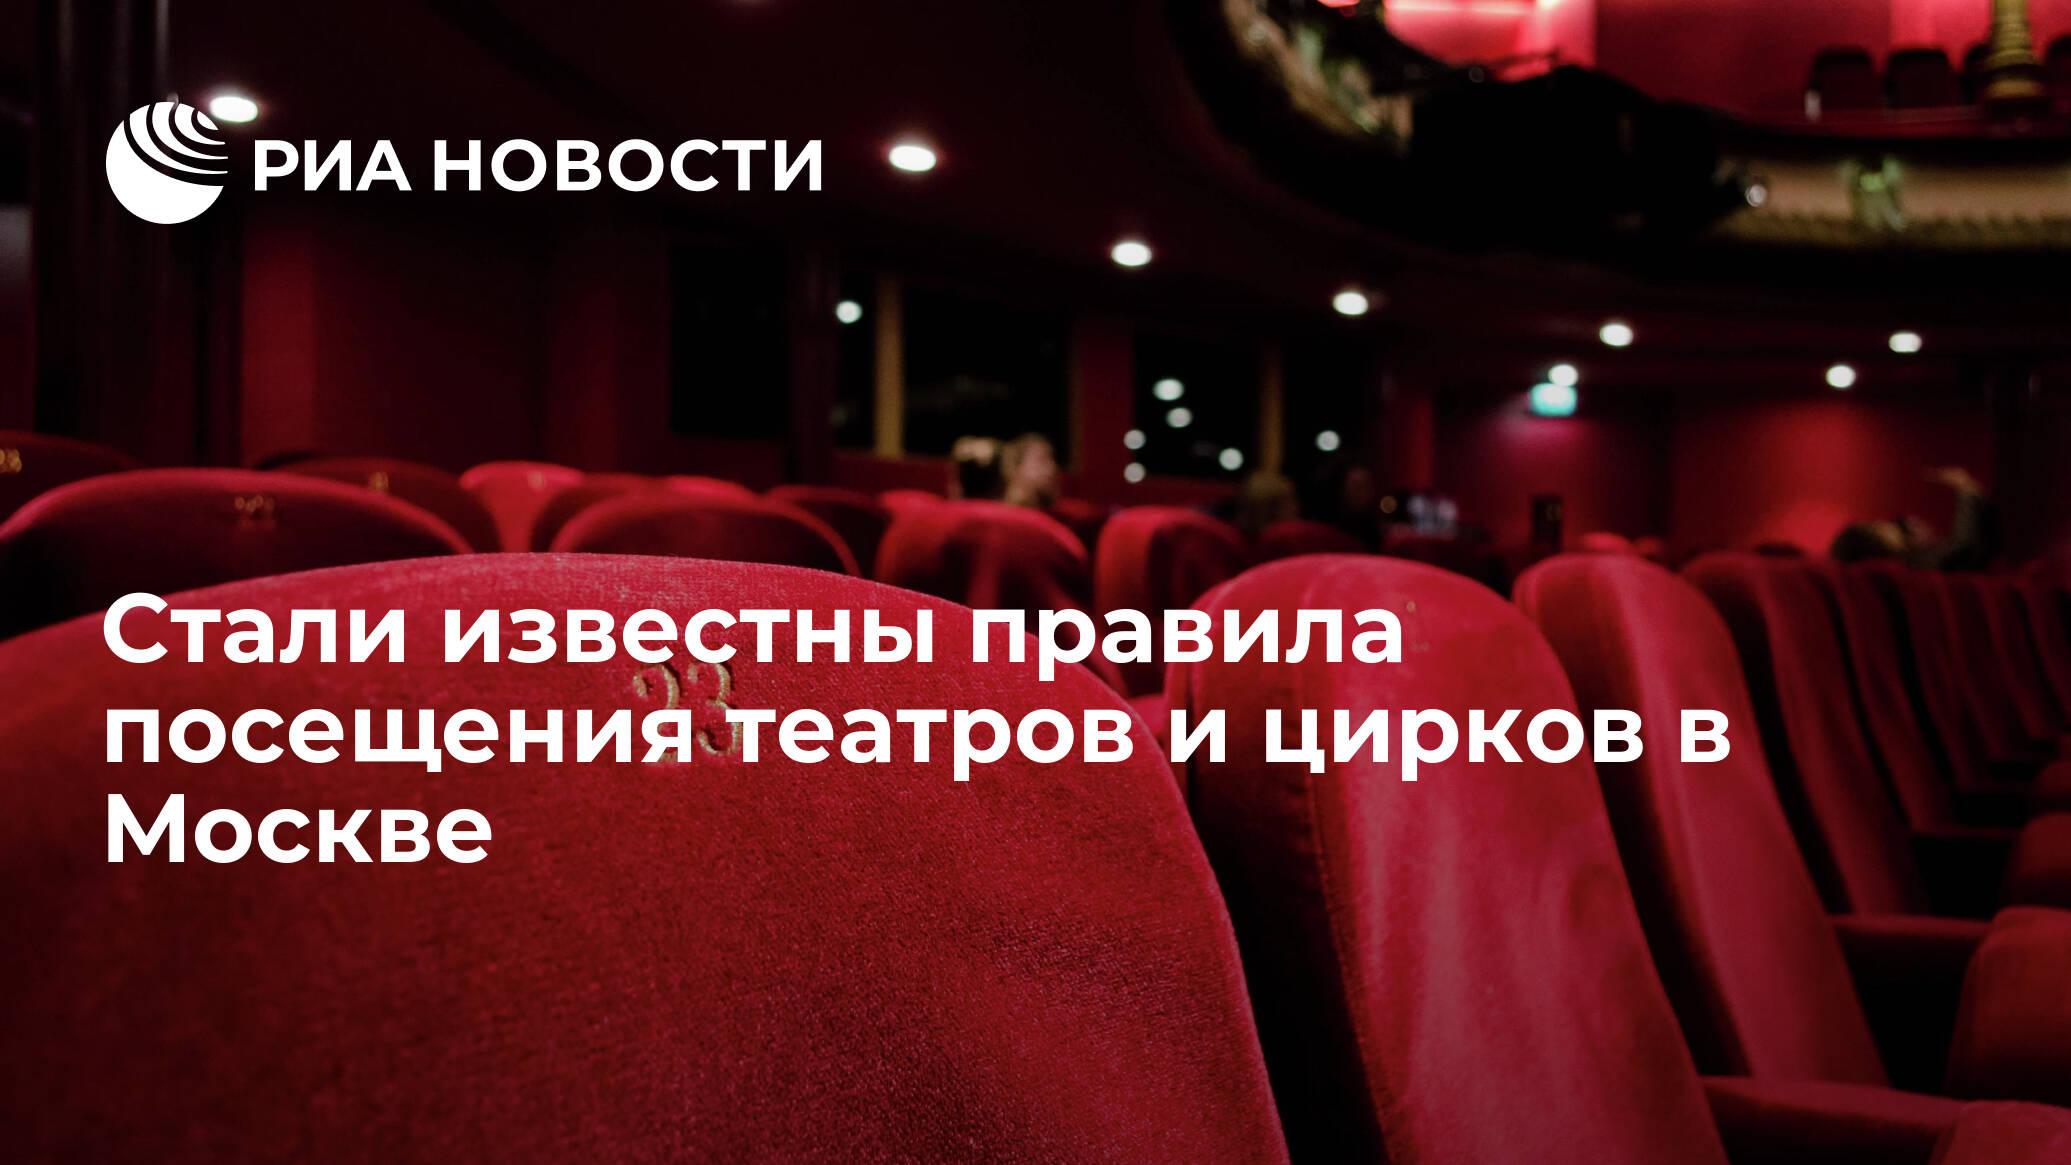 Стали известны правила посещения театров и цирков в Москве